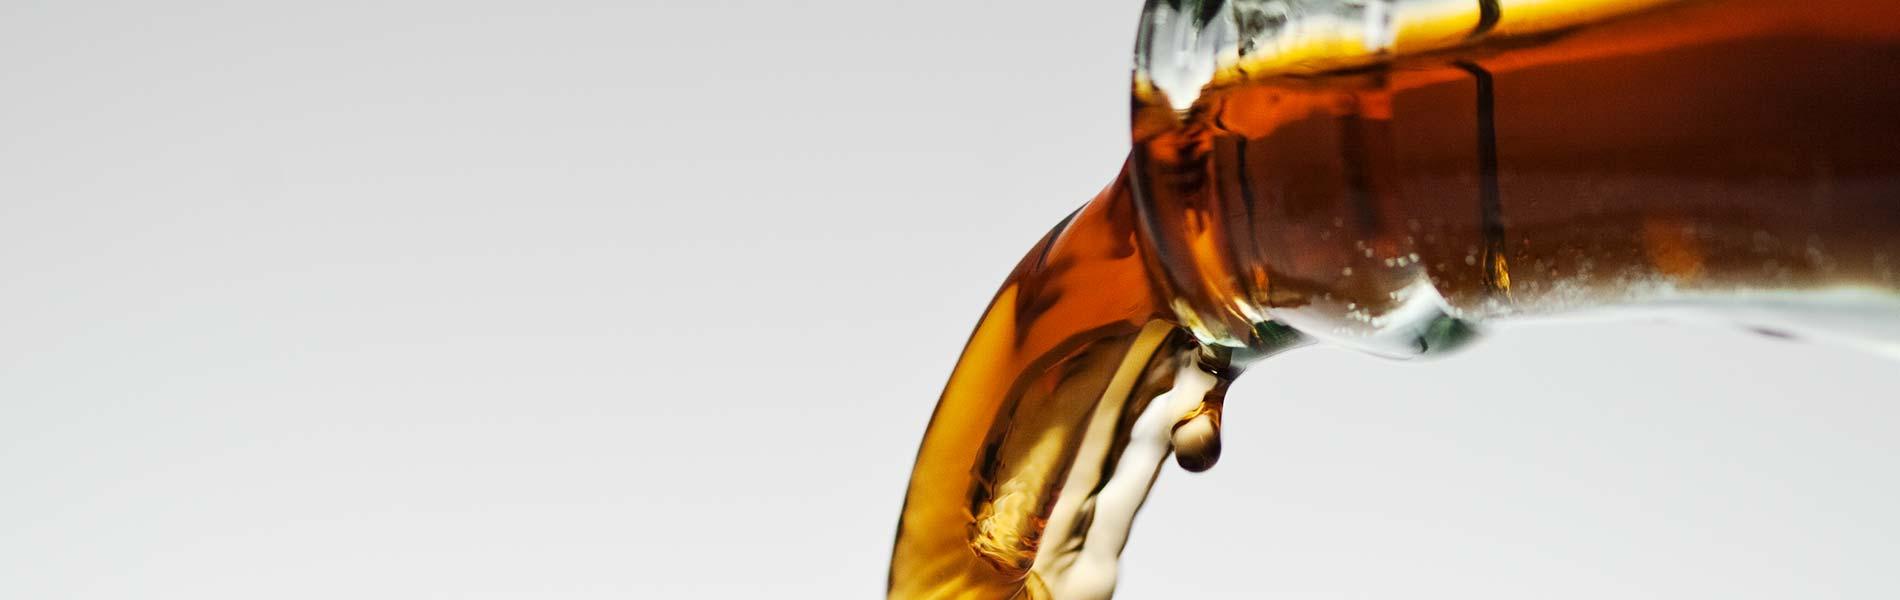 Bild på läsk som hälls ur en flaska